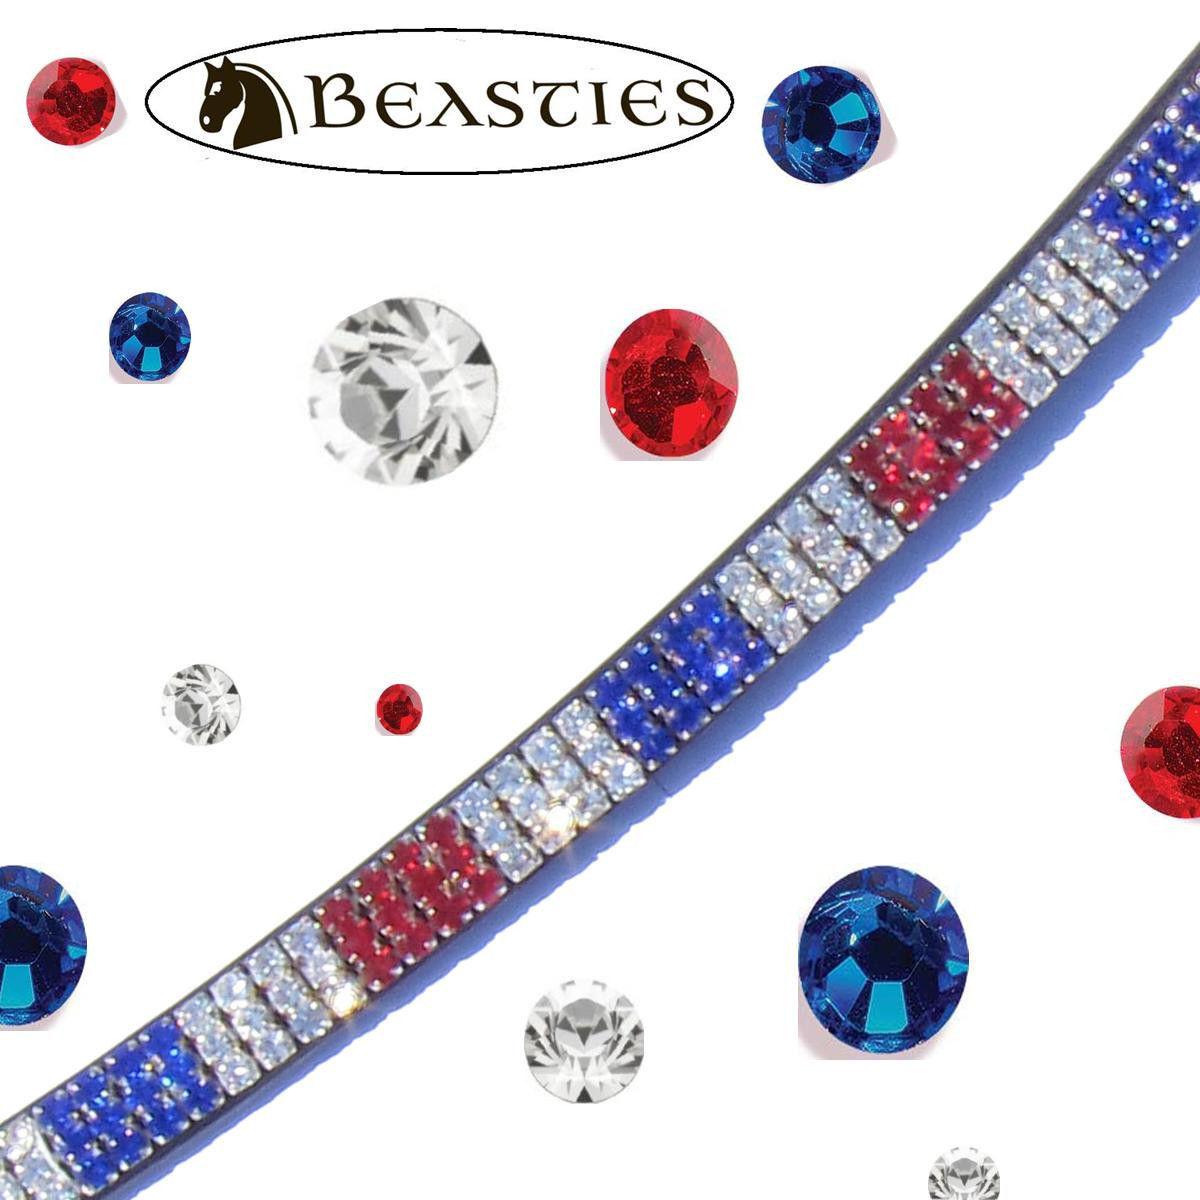 ROT Weiß Blau, Blau, Weiß USA Flag Luminocity Browband | Braun Leder | Cob/Horse 15.75